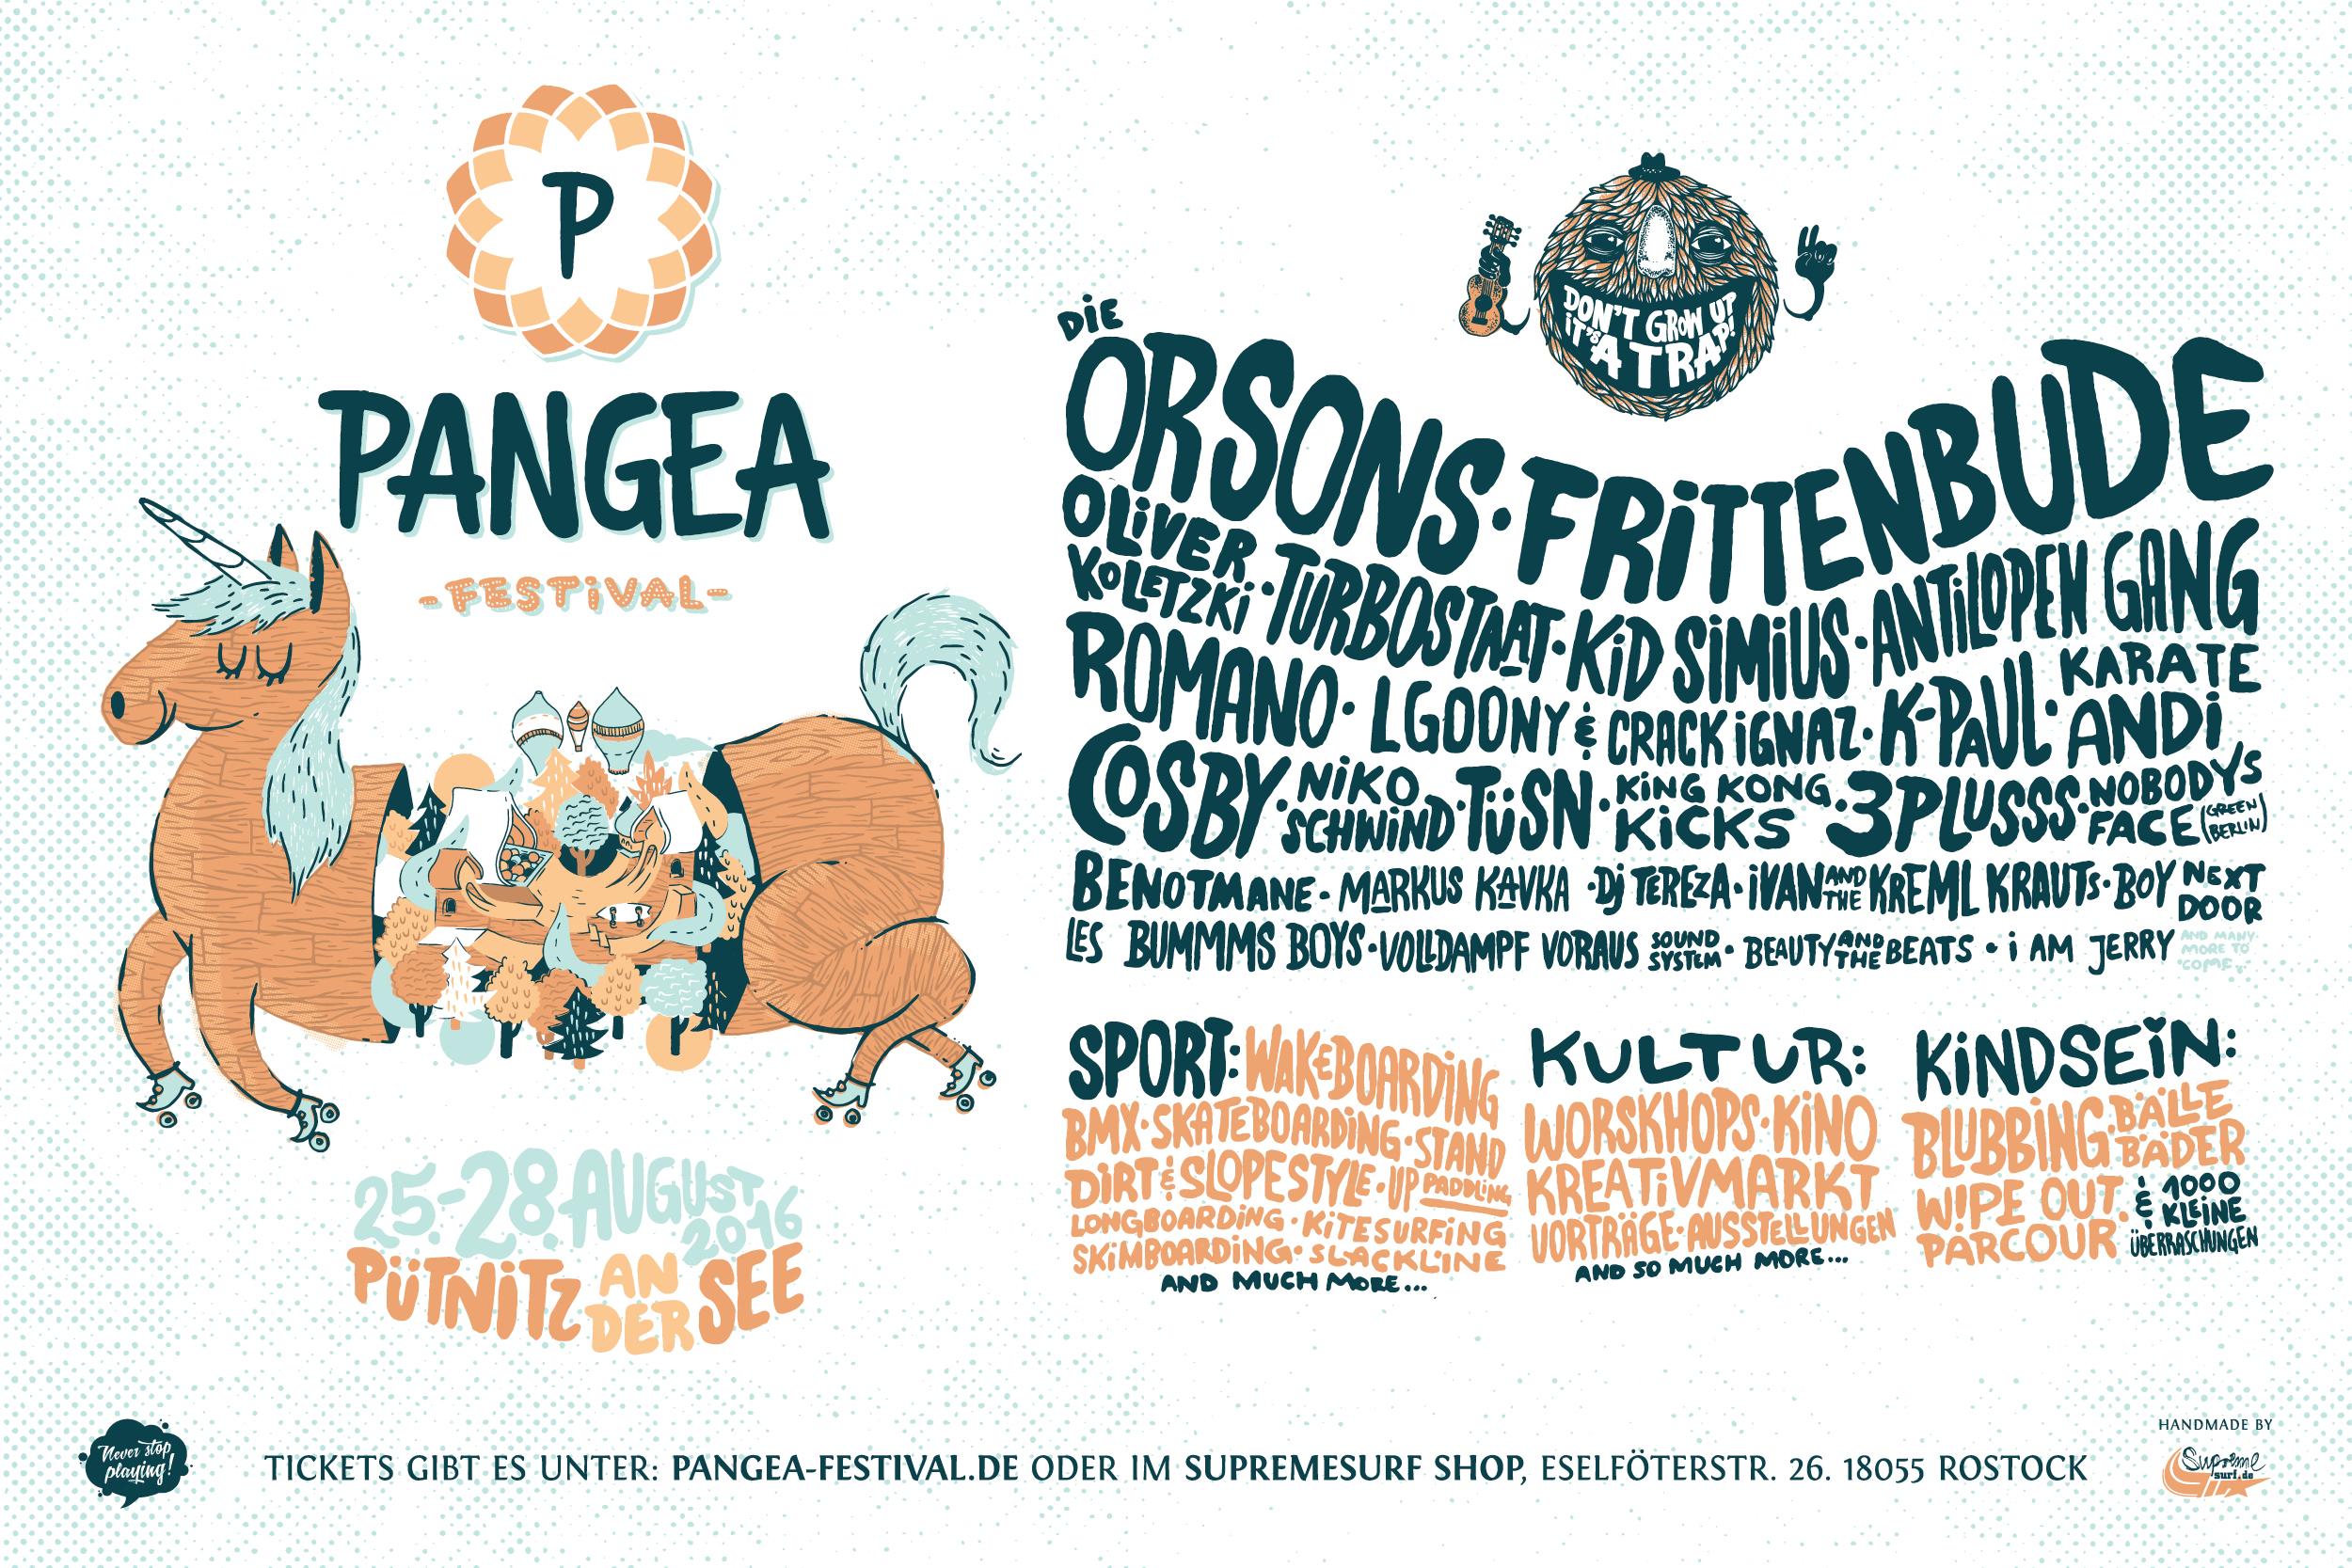 Das Pangea Festival 2016 findet vom 25. bis zum 28. August statt.